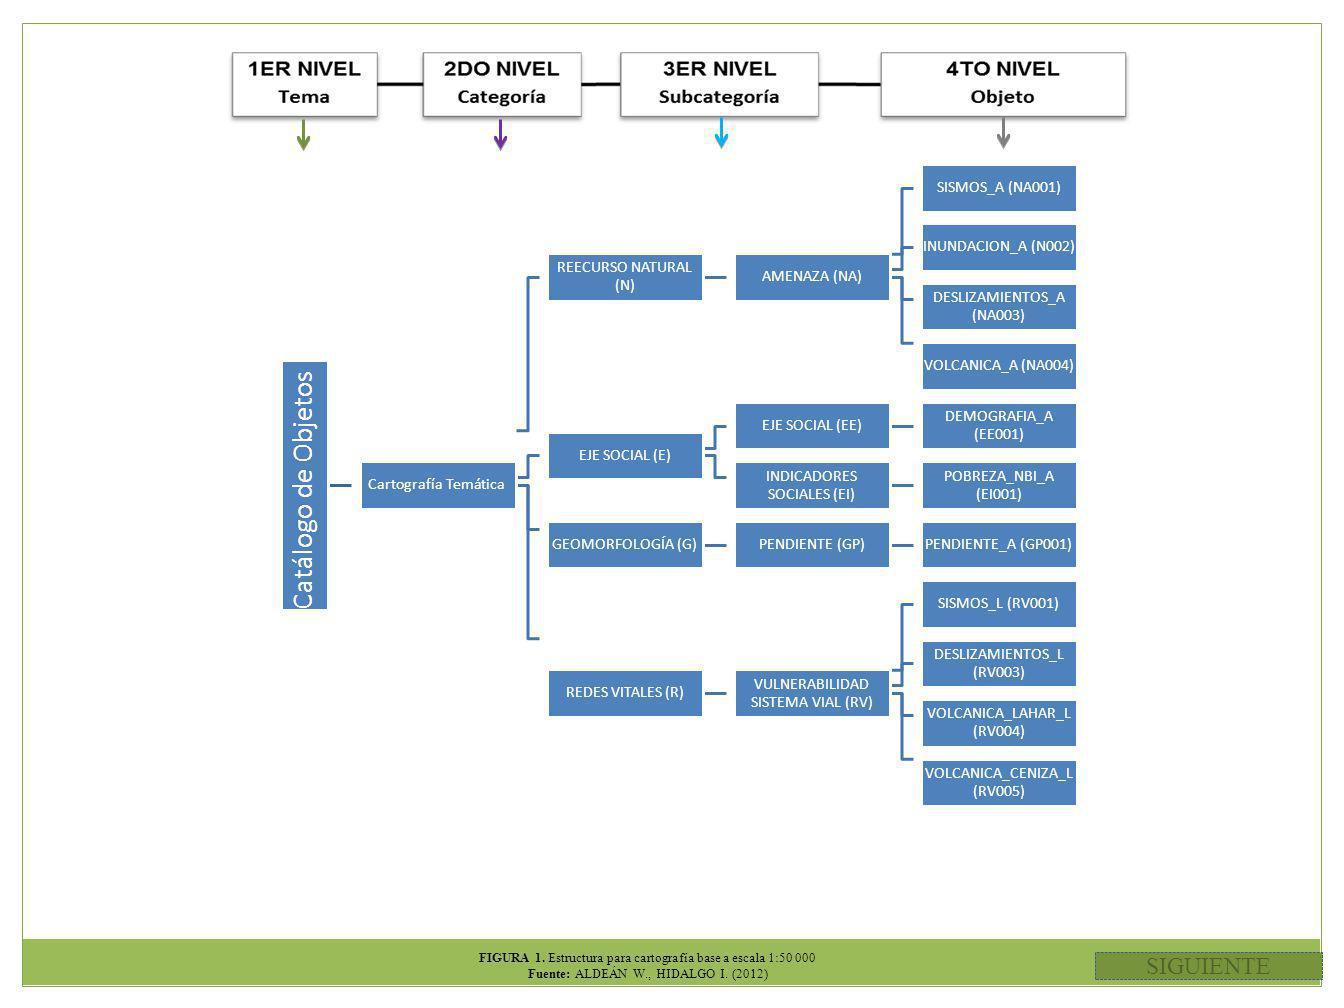 FIGURA 1.Estructura para cartografía base a escala 1:50 000 Fuente: ALDEÁN W., HIDALGO I.